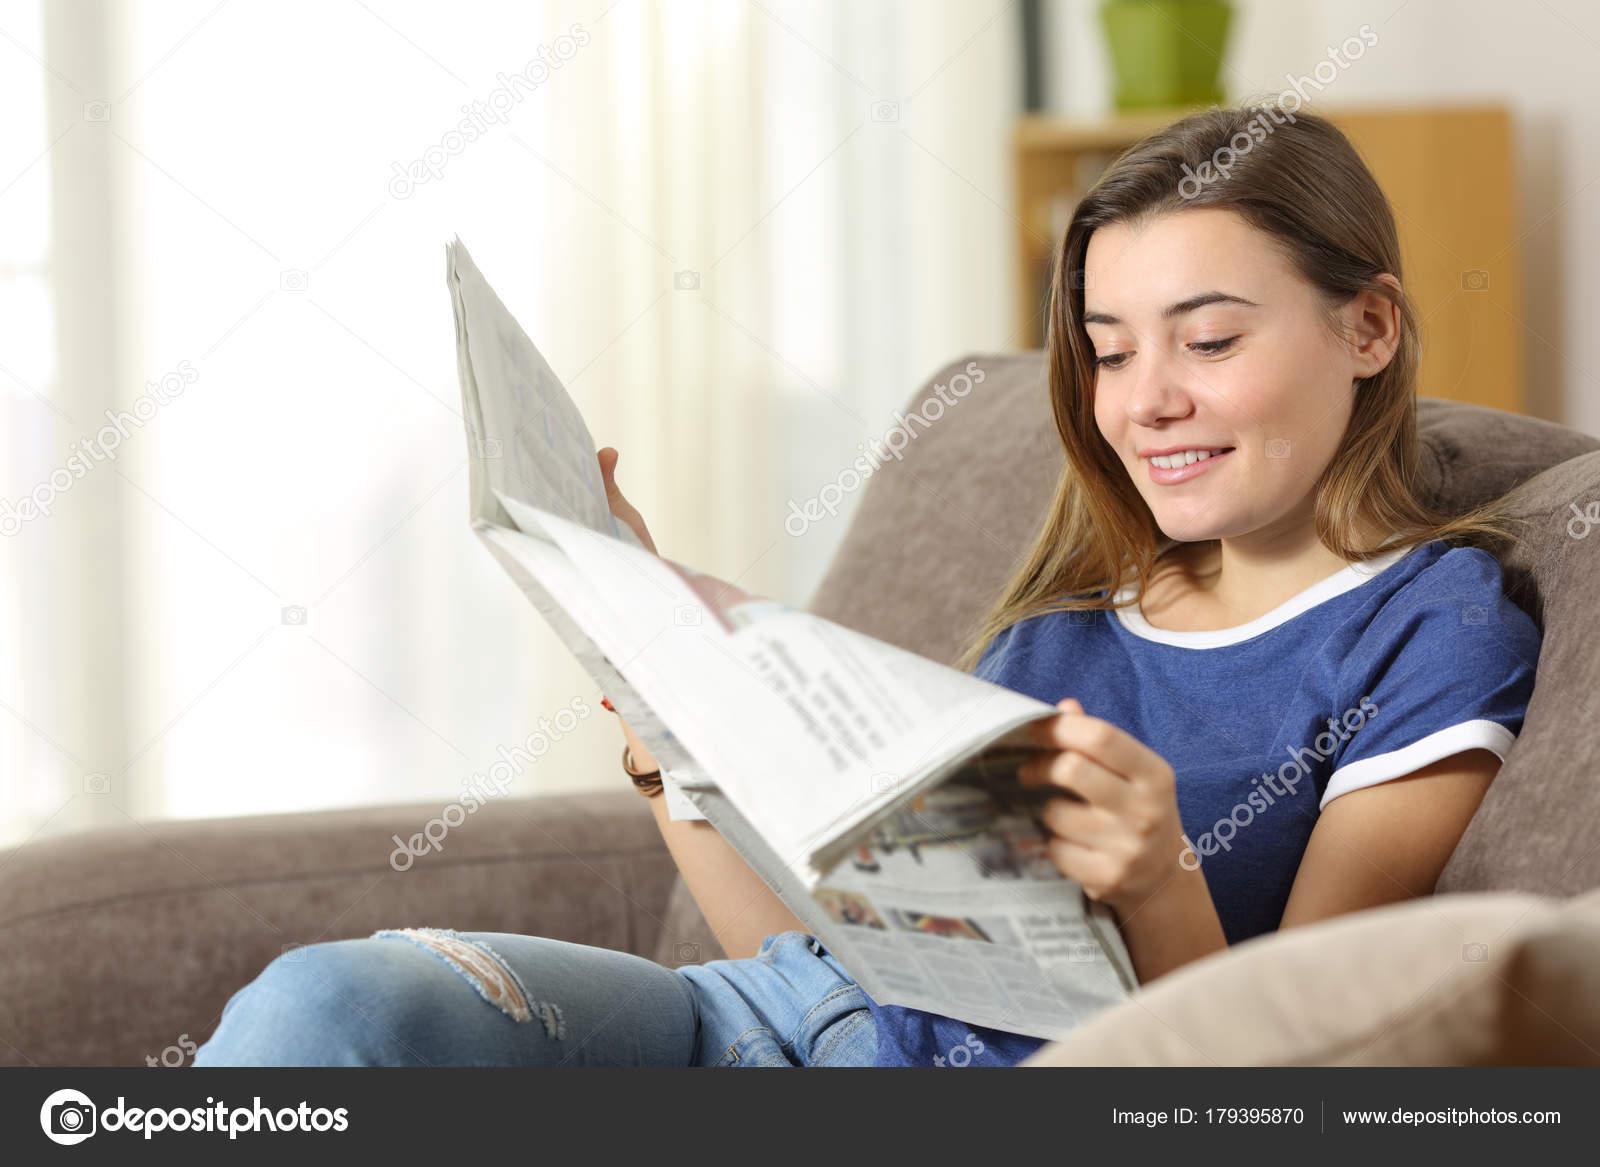 Adolescente Leyendo Un Periódico En Un Sofá En Casa